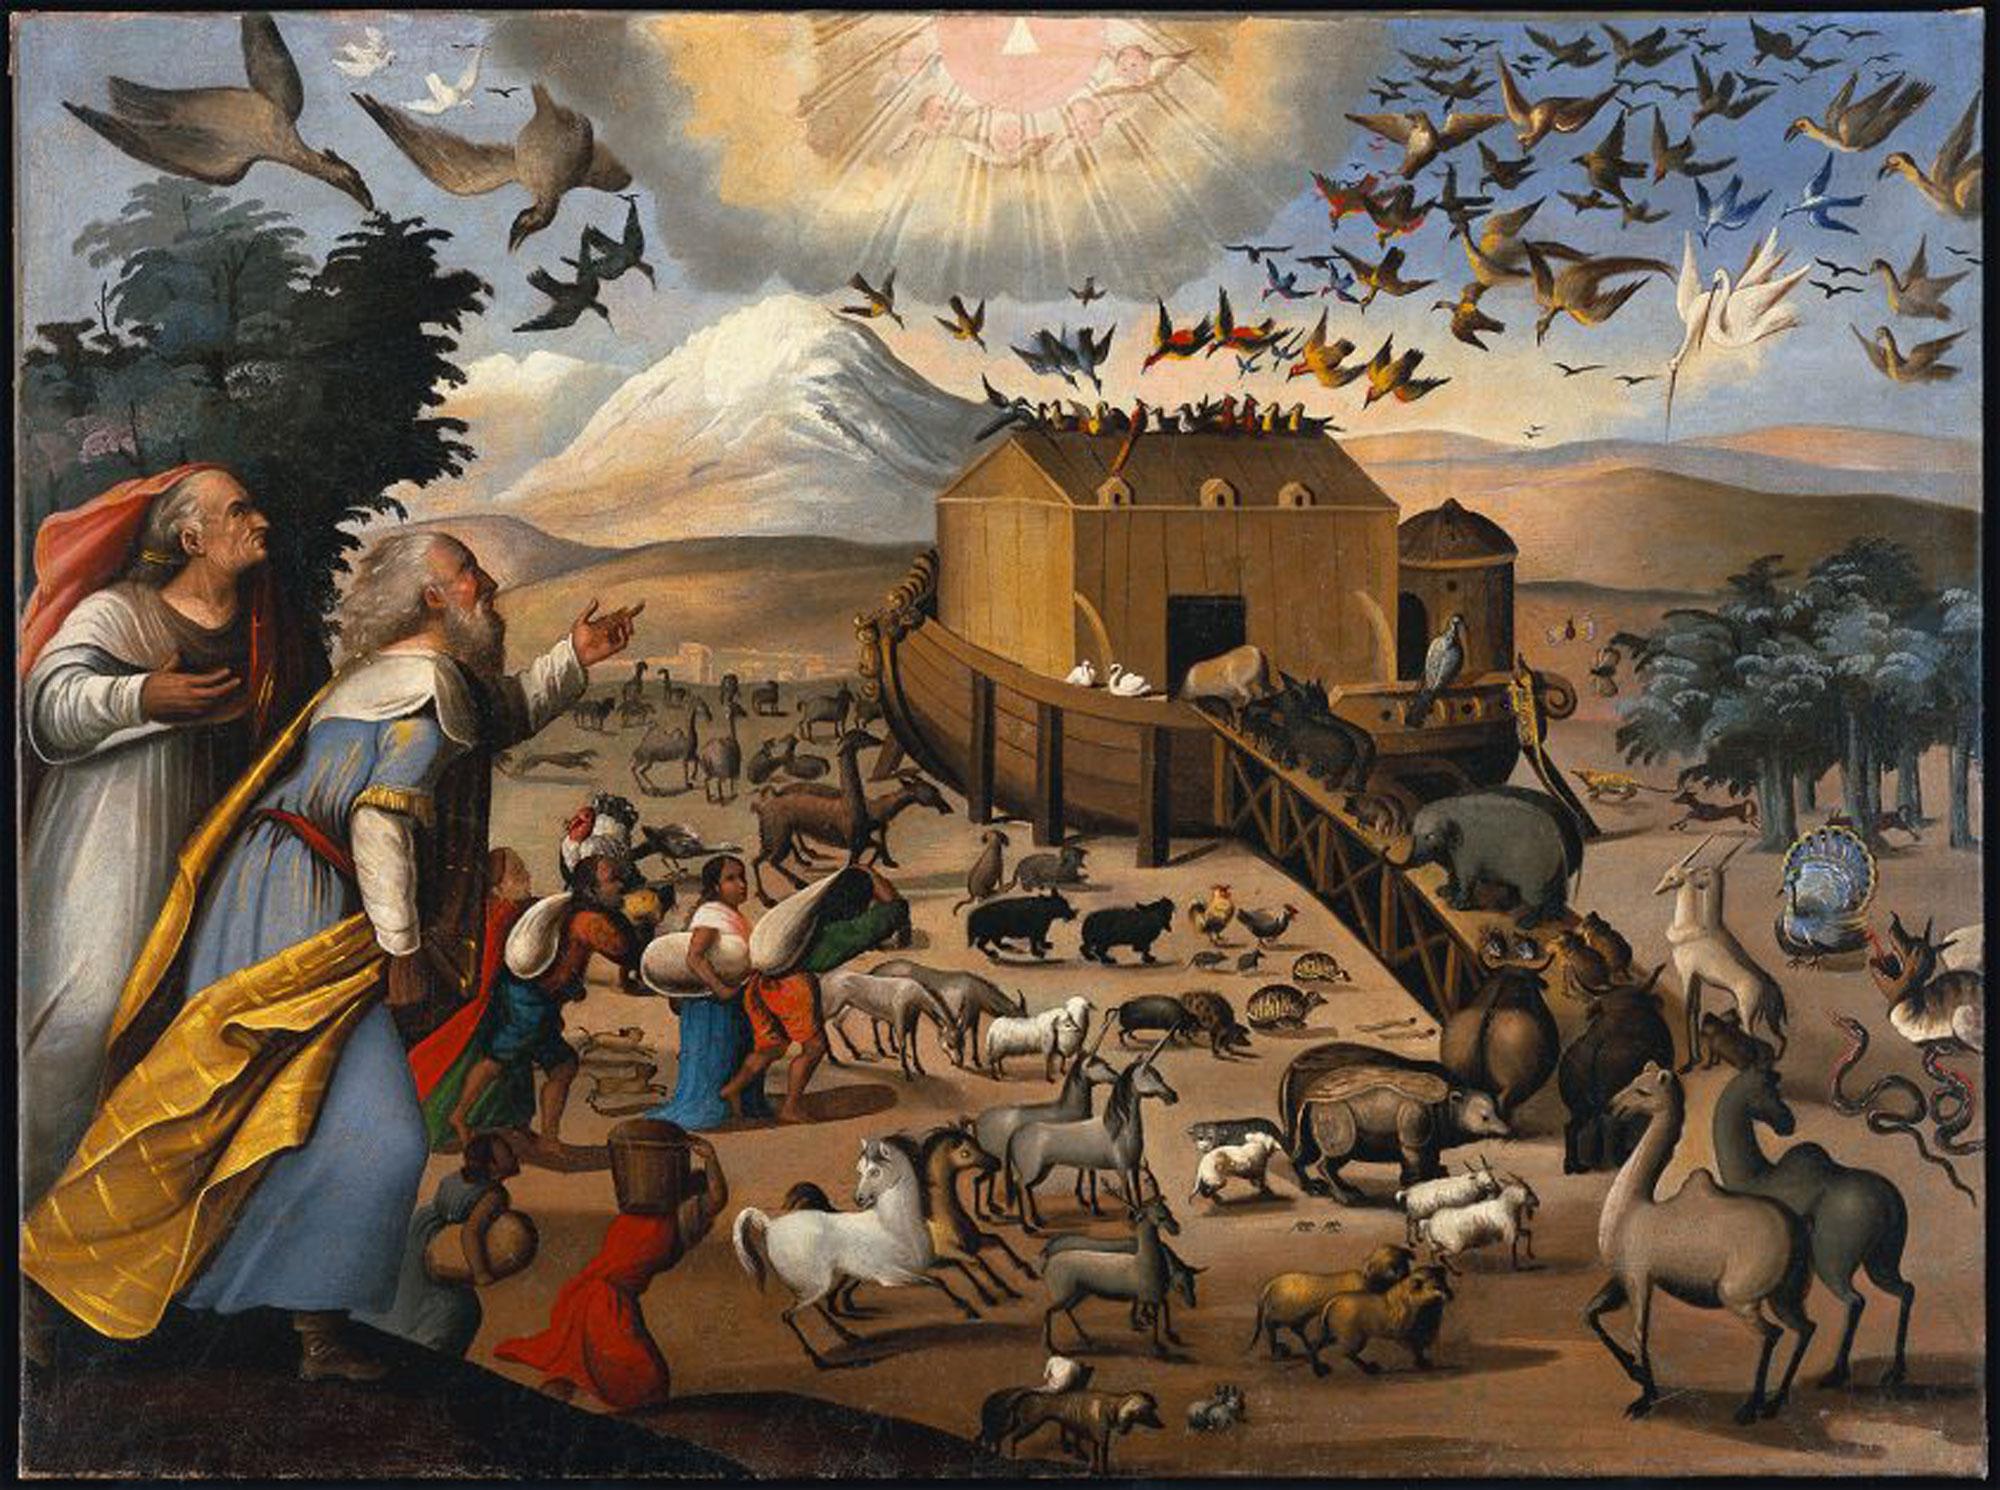 Becas de investigación sobre arte colonial español de la Fudación Thoma